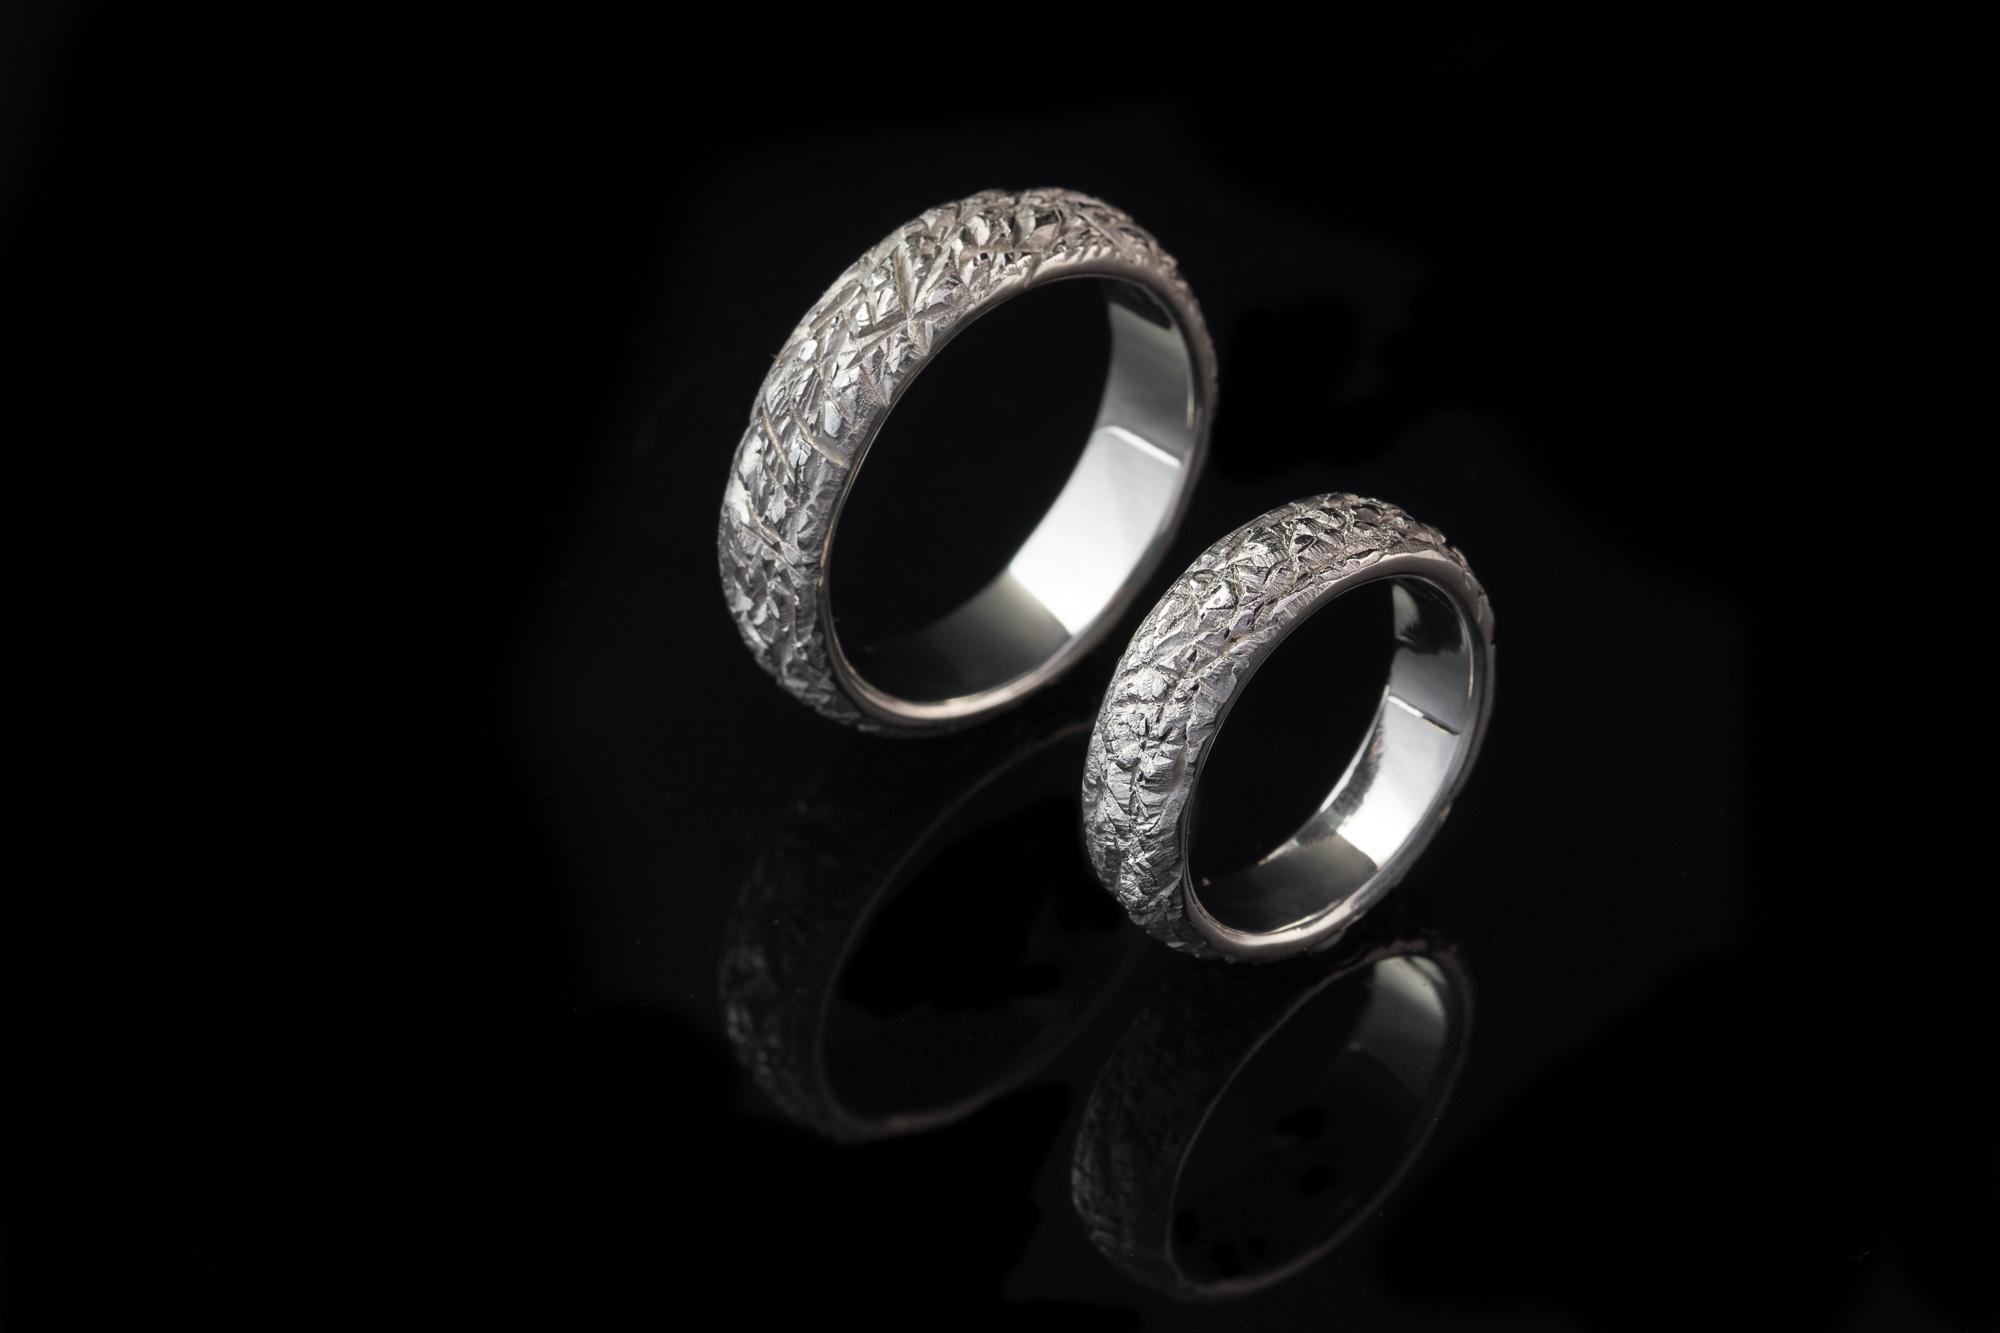 Vienetiniai balto aukso vestuviniai žiedai.